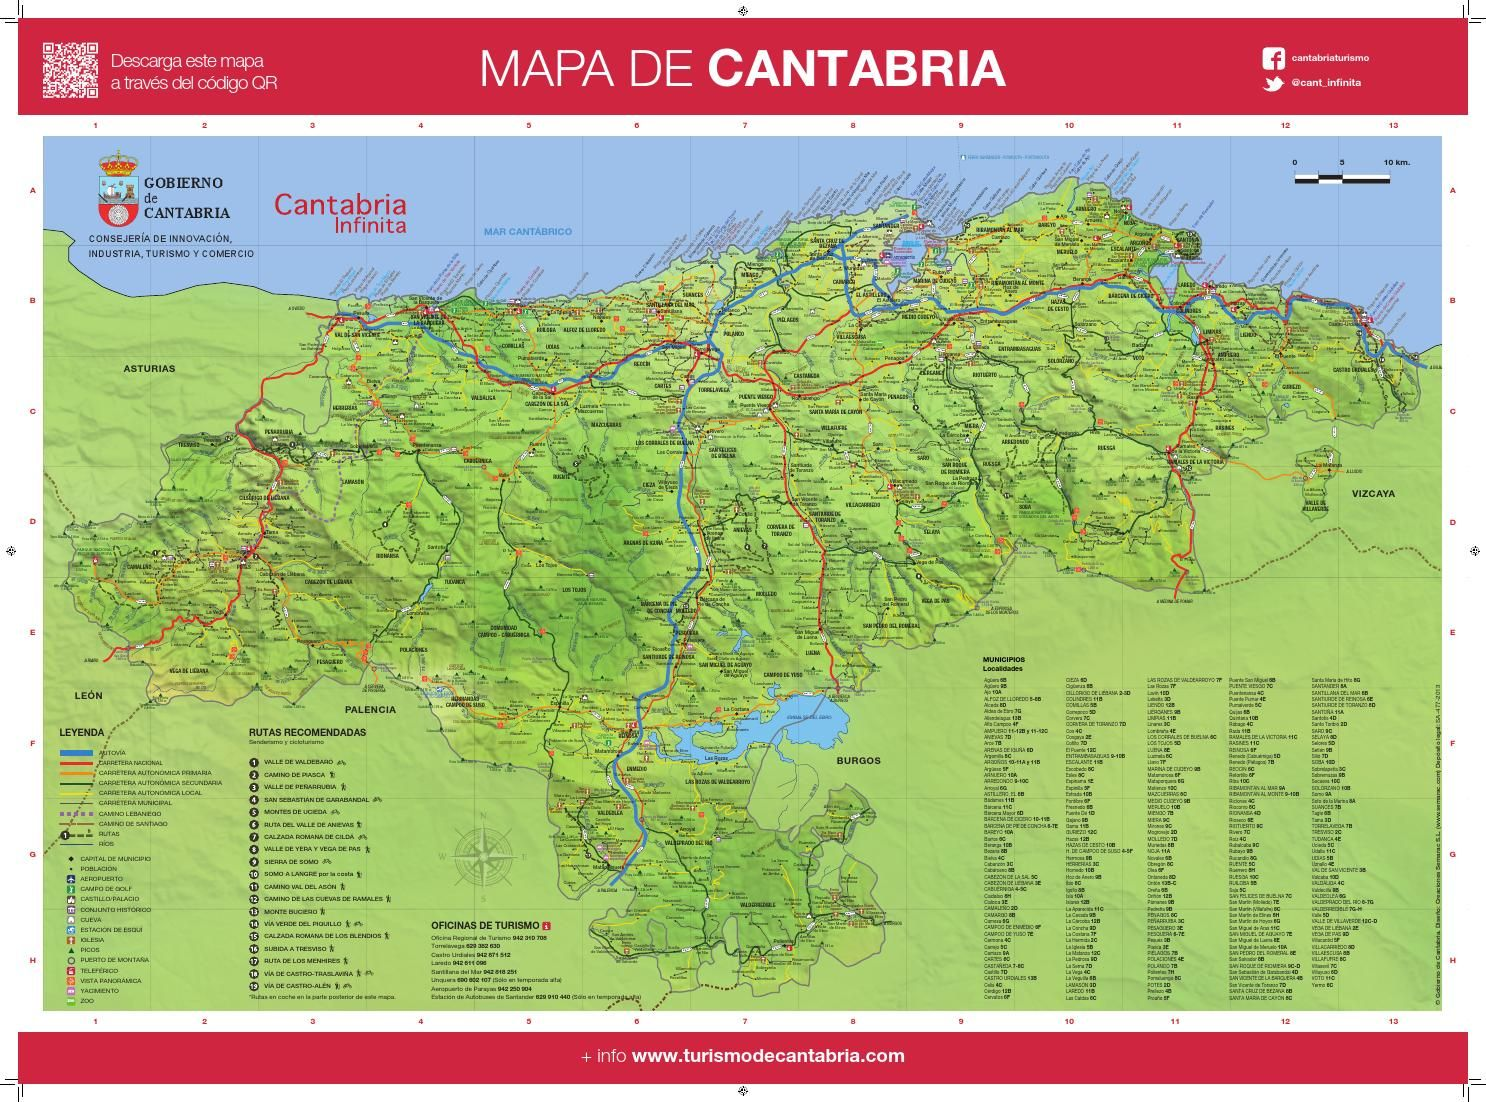 Mapa Turistico De Asturias Y Cantabria.Mapa Turistico Cantabria En 2019 Mapa Turistico Mapa De